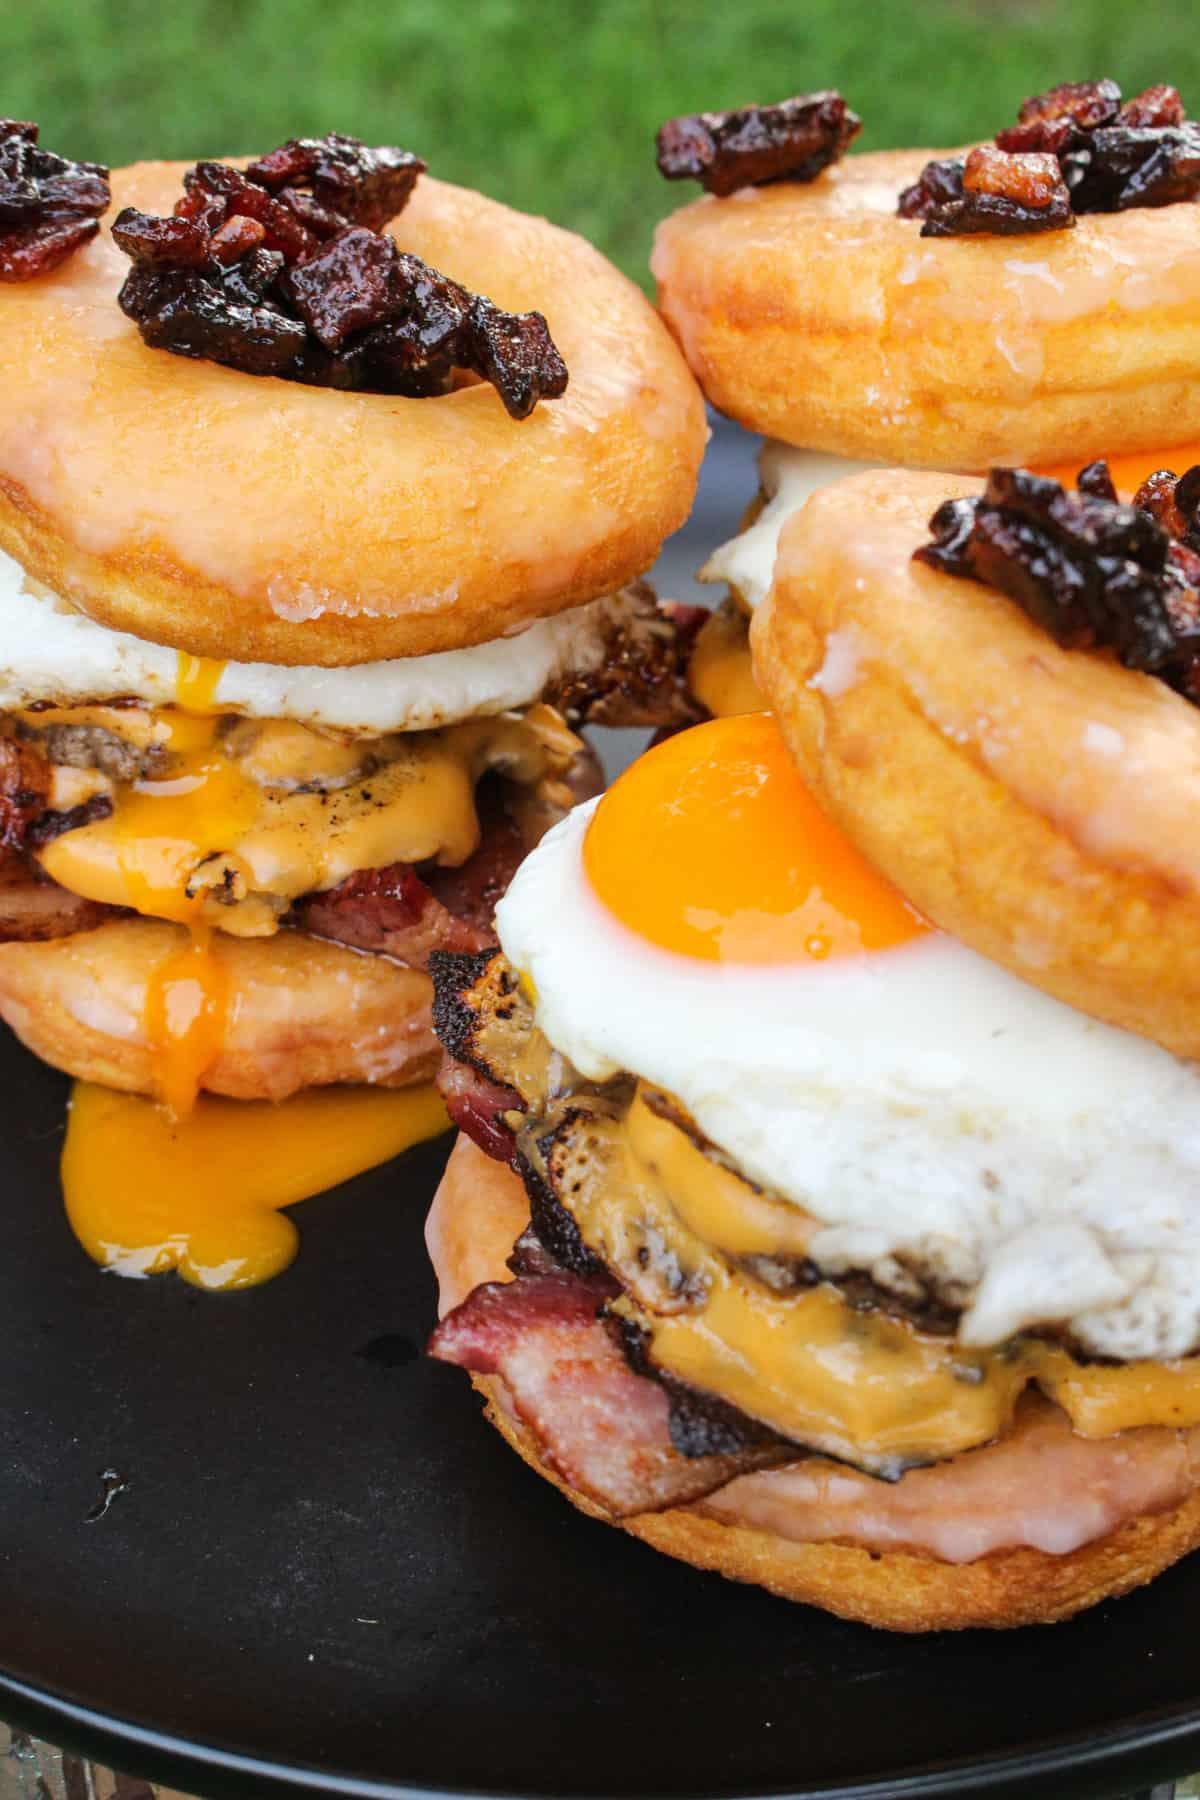 Donut Breakfast Sandwich